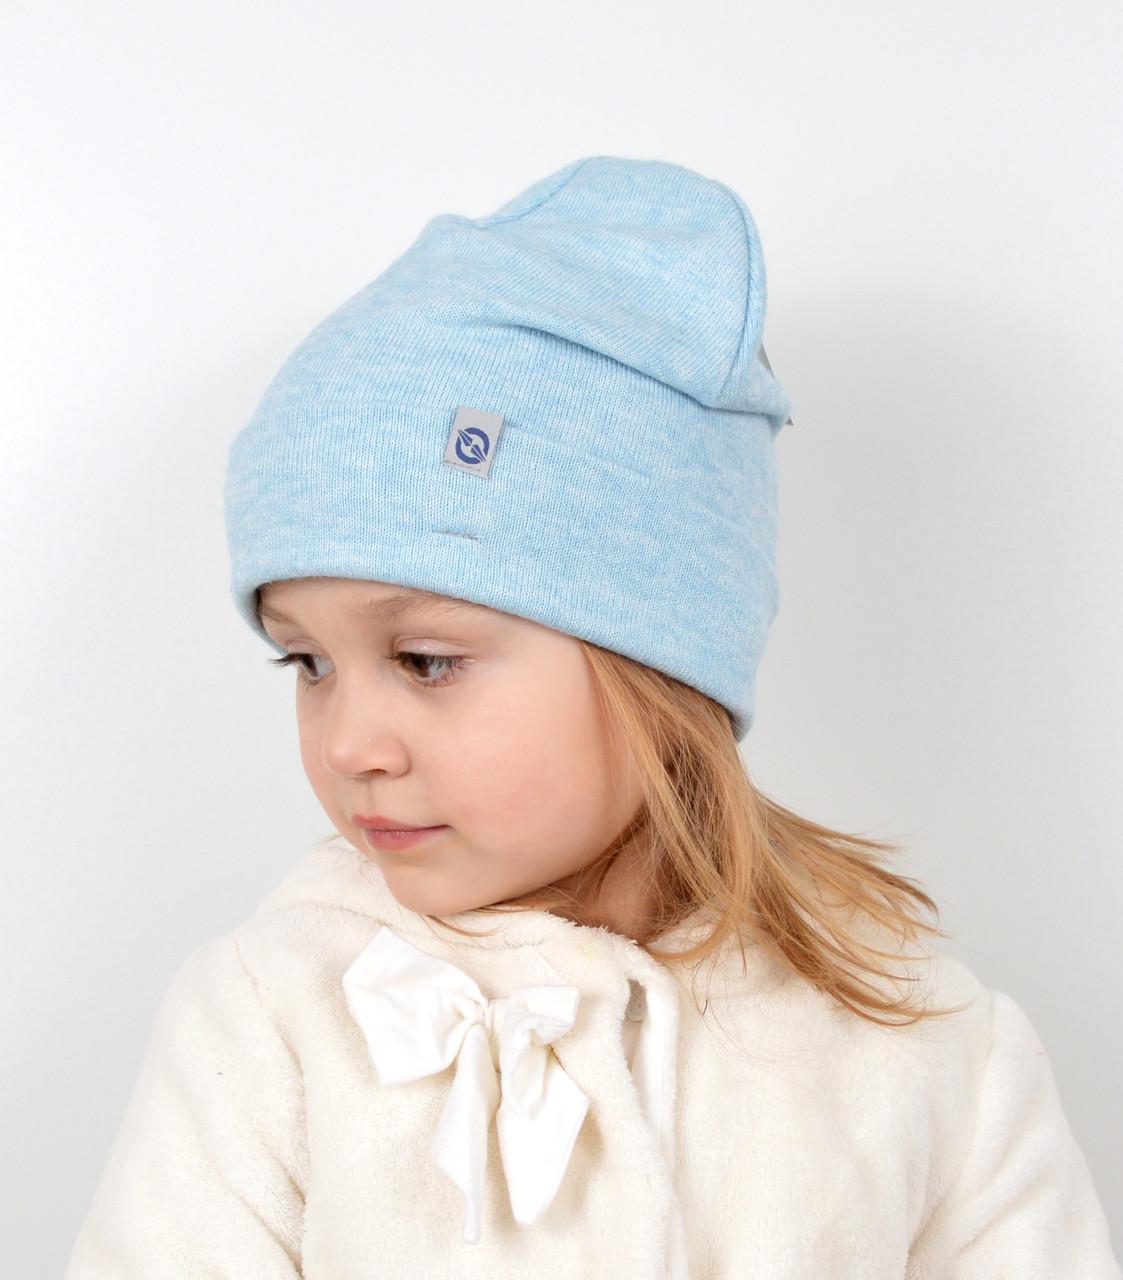 детские шапки норд оптом